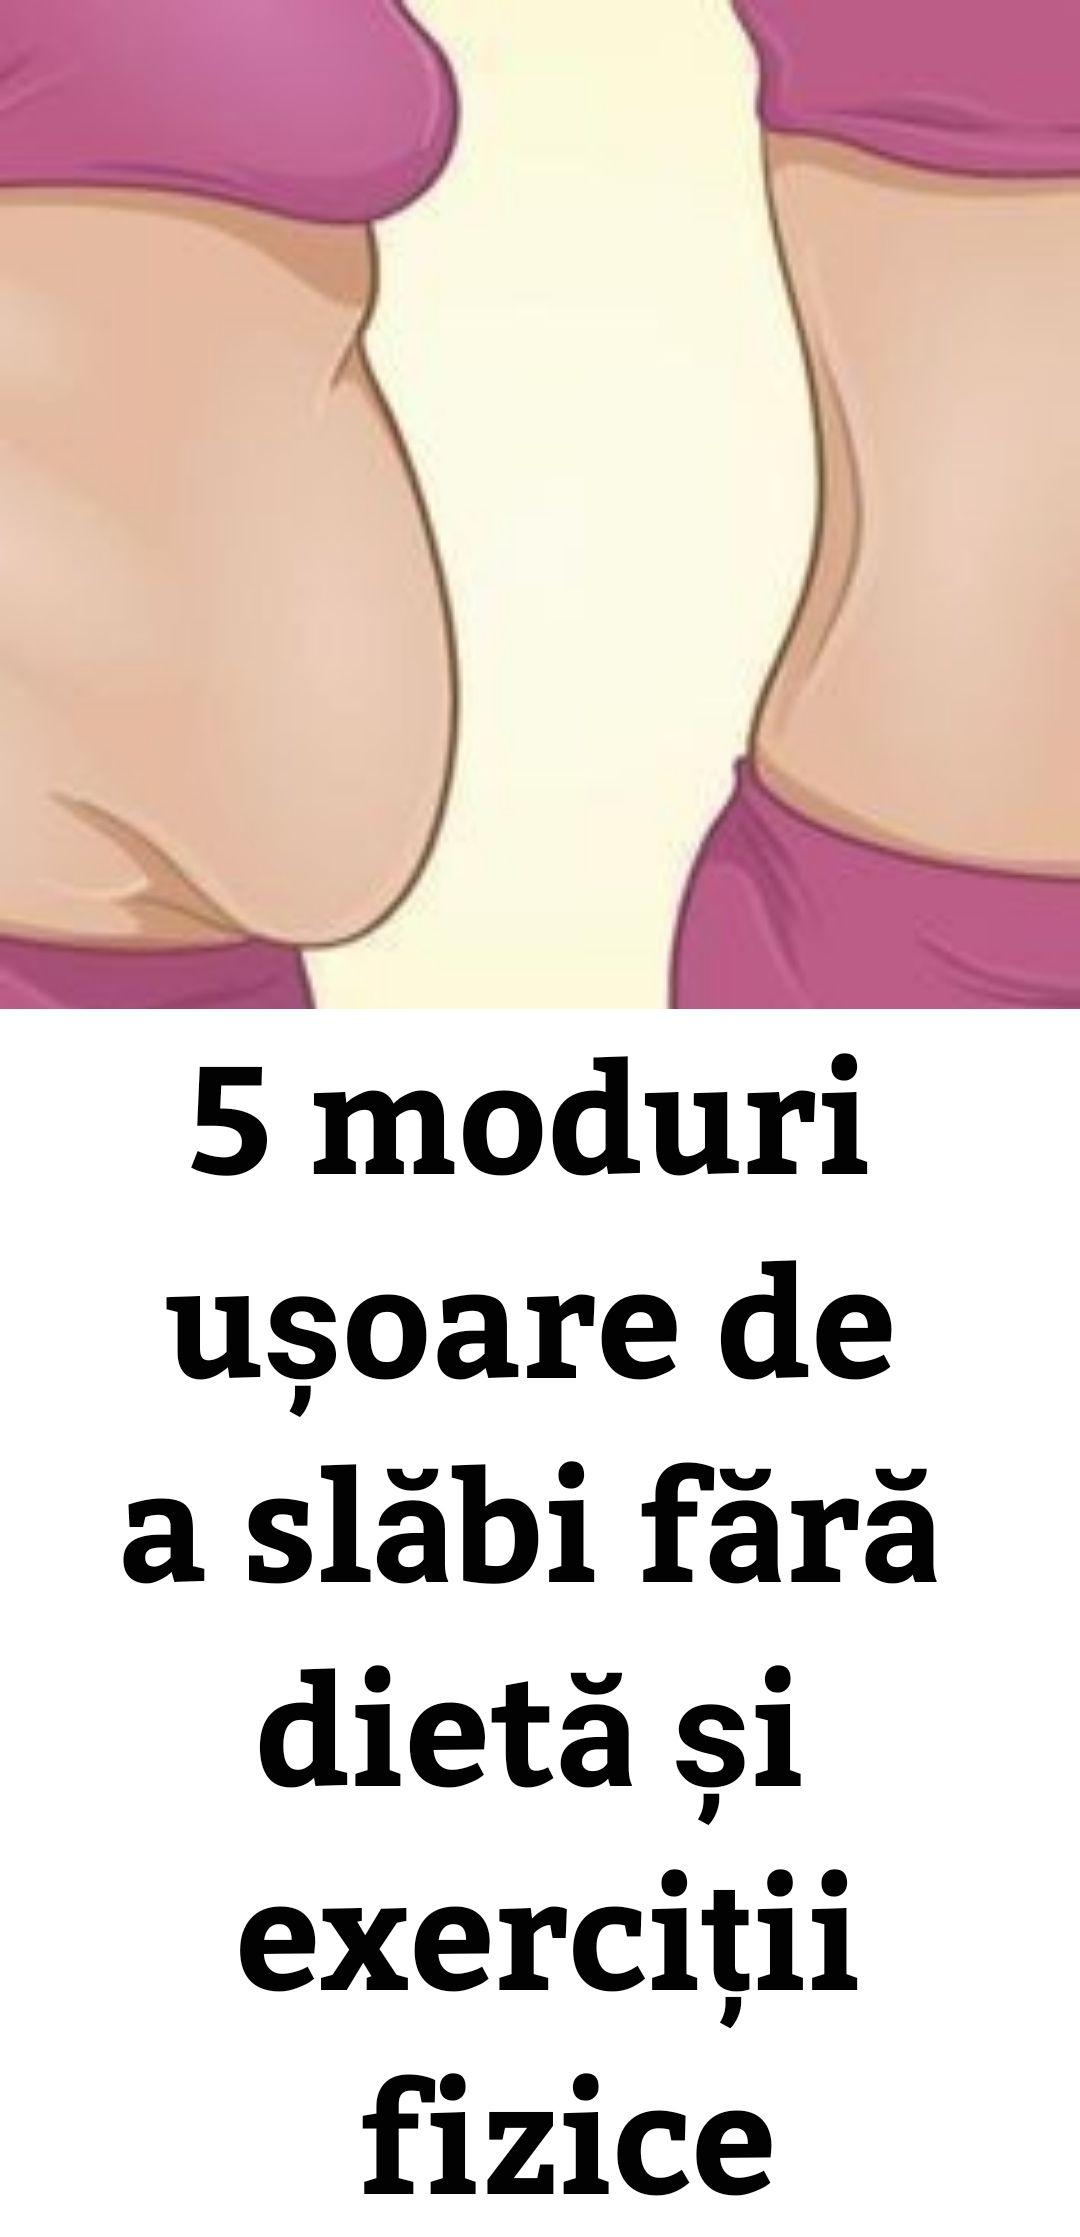 Pierdere în greutate de 4 lire pe săptămână